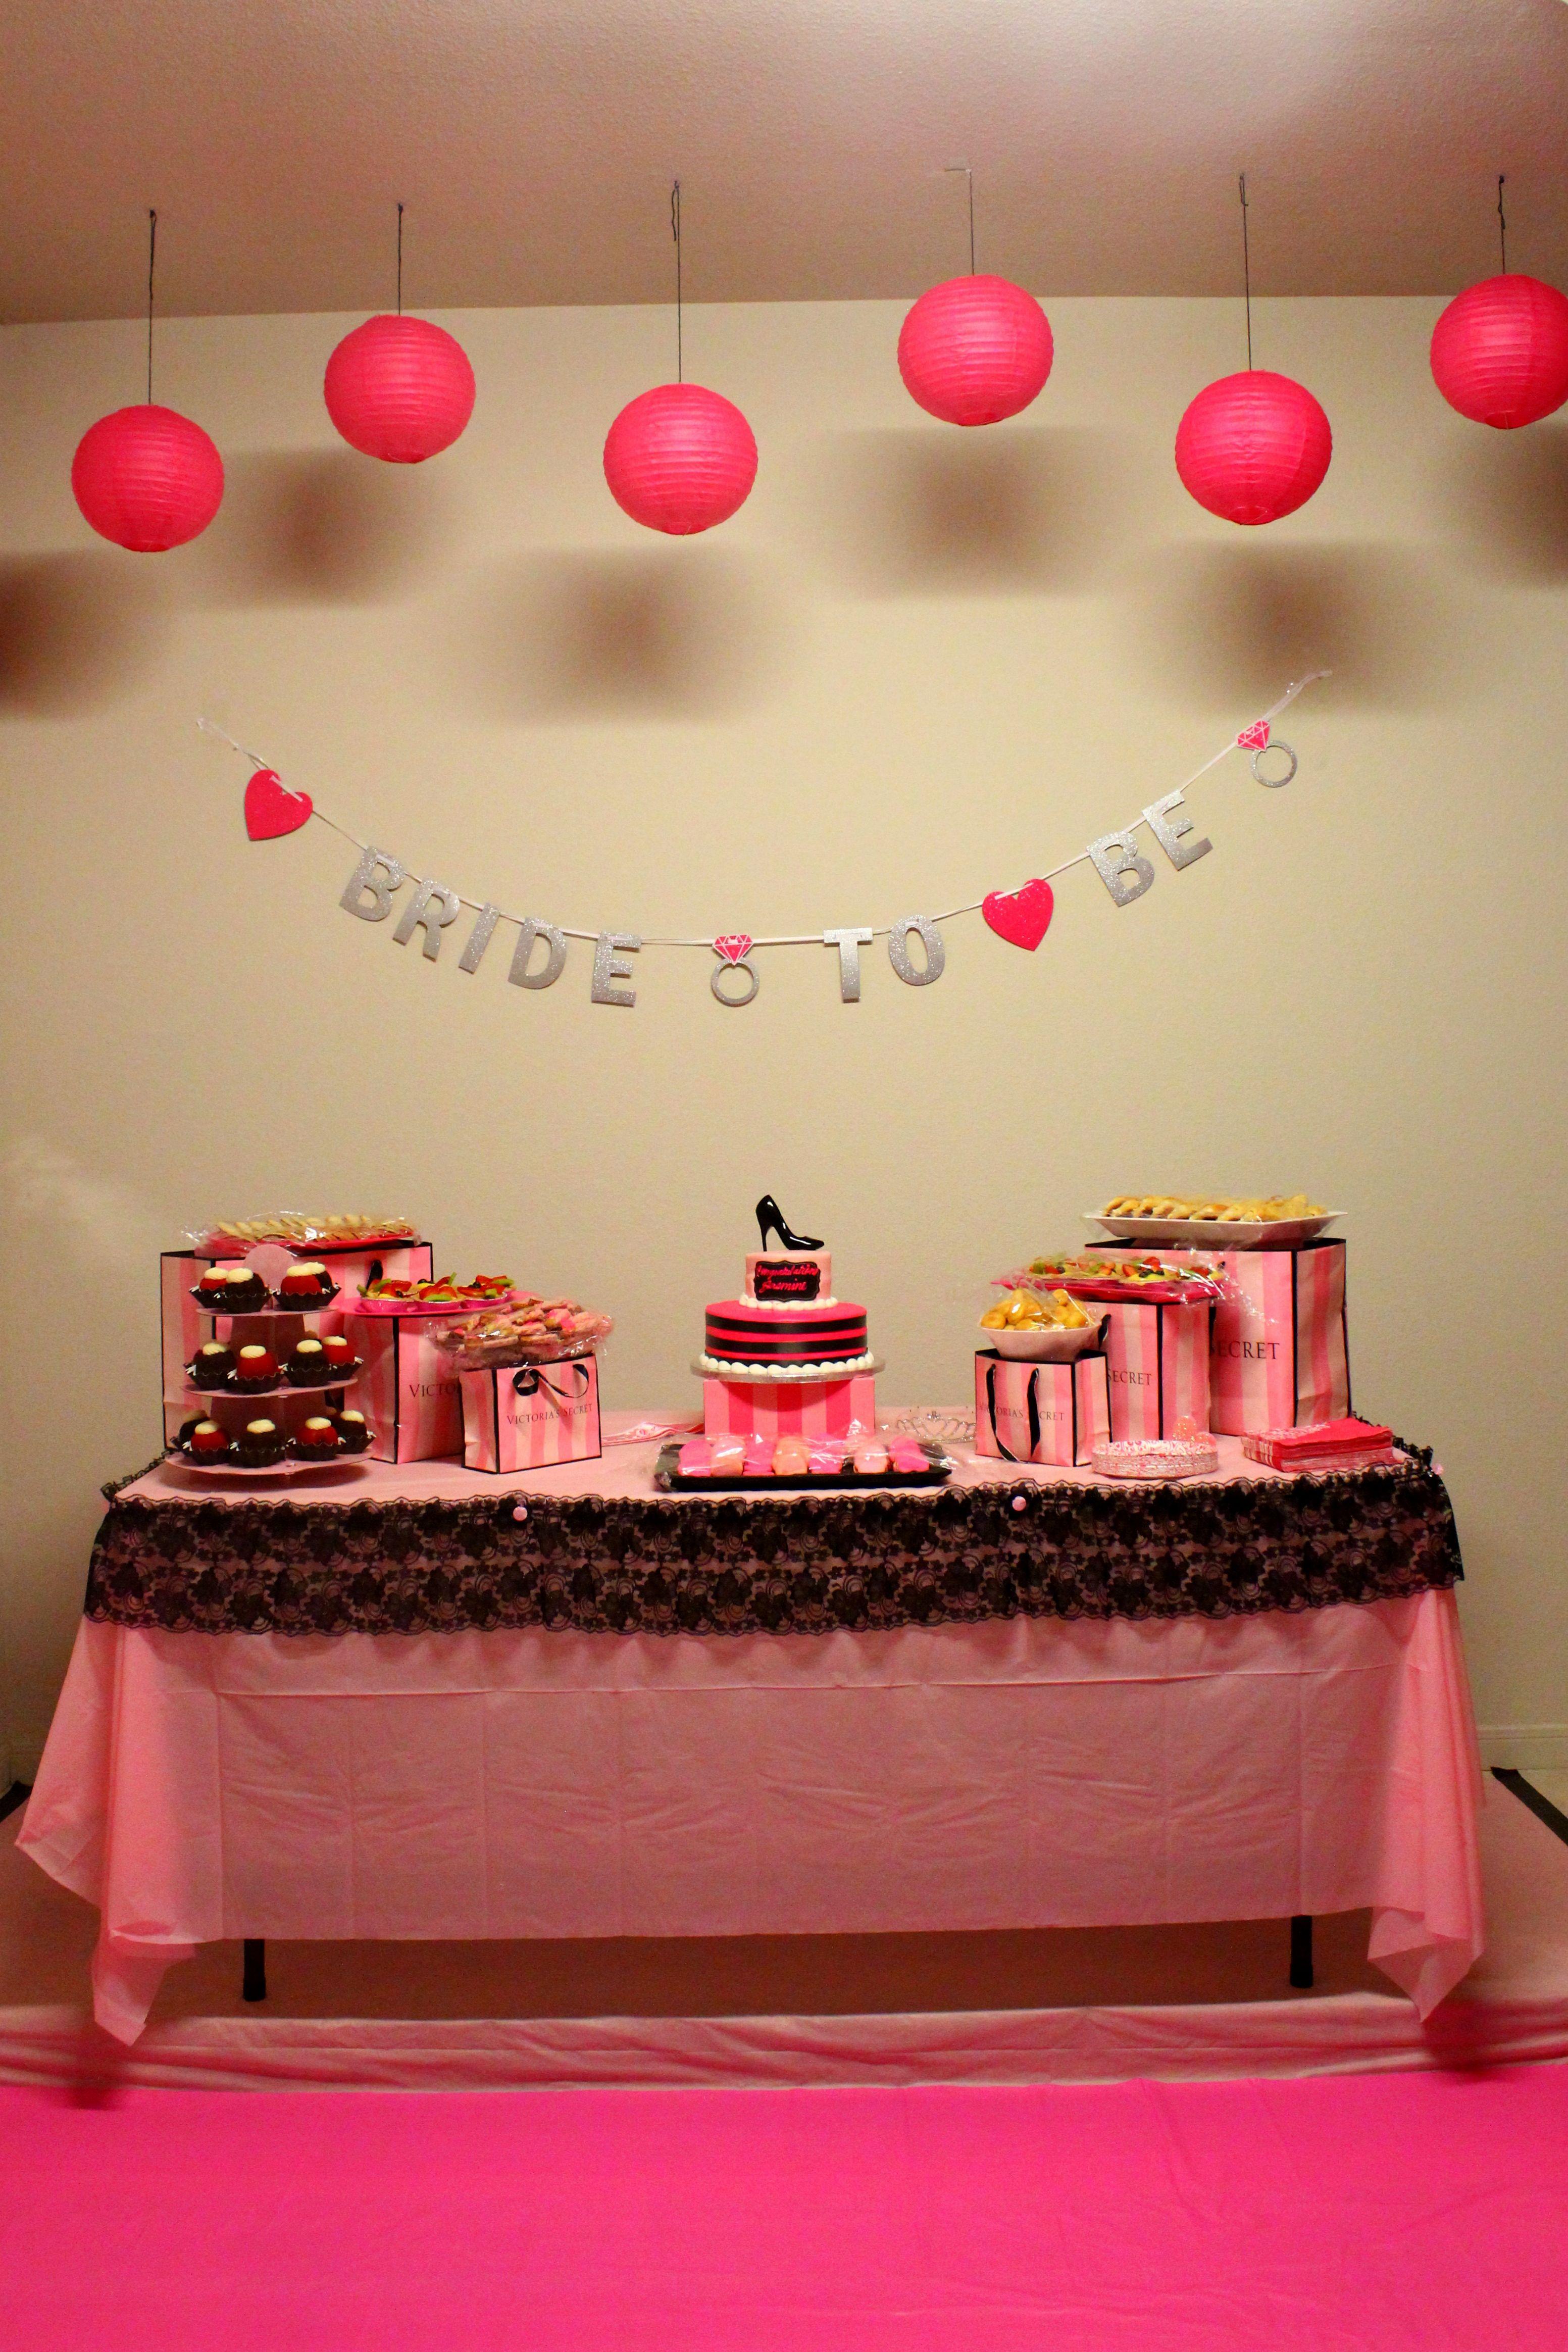 victoria secret themed bridal shower check lingerie party decorations bachelorette party decorations